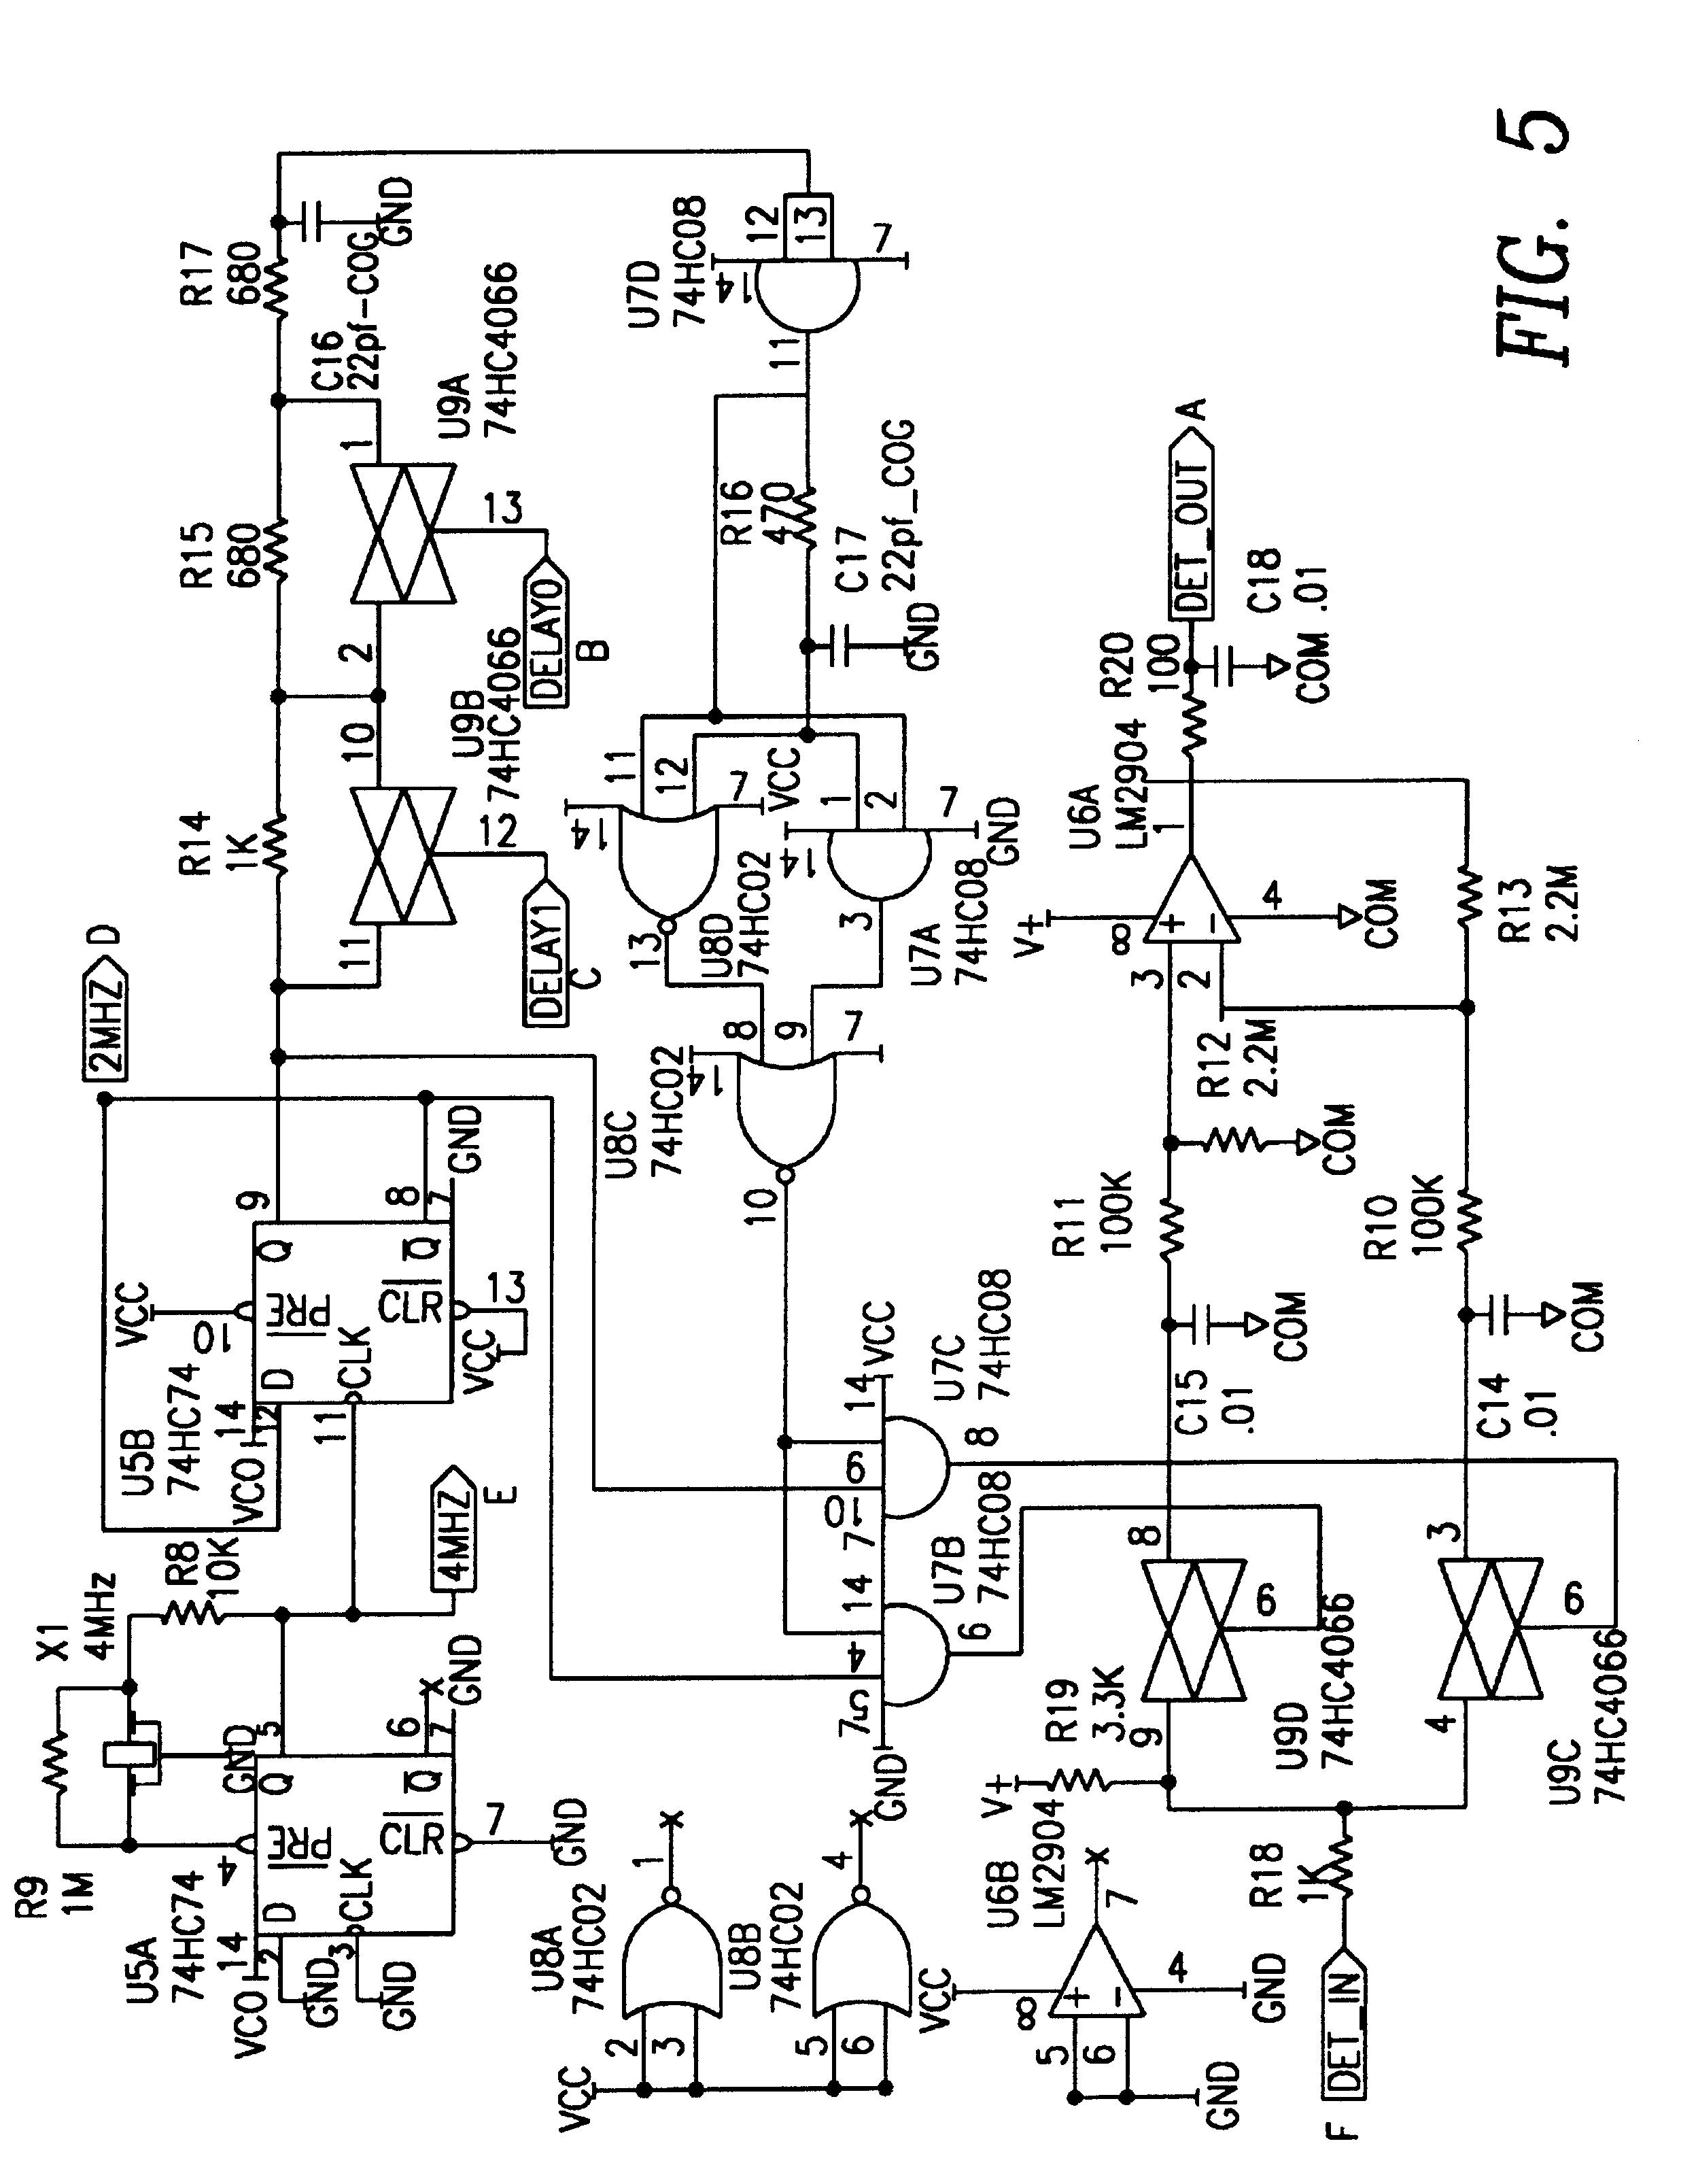 model wiring traulsen diagram ur48dt a wiring diagram go Traulsen Wiring Diagrams